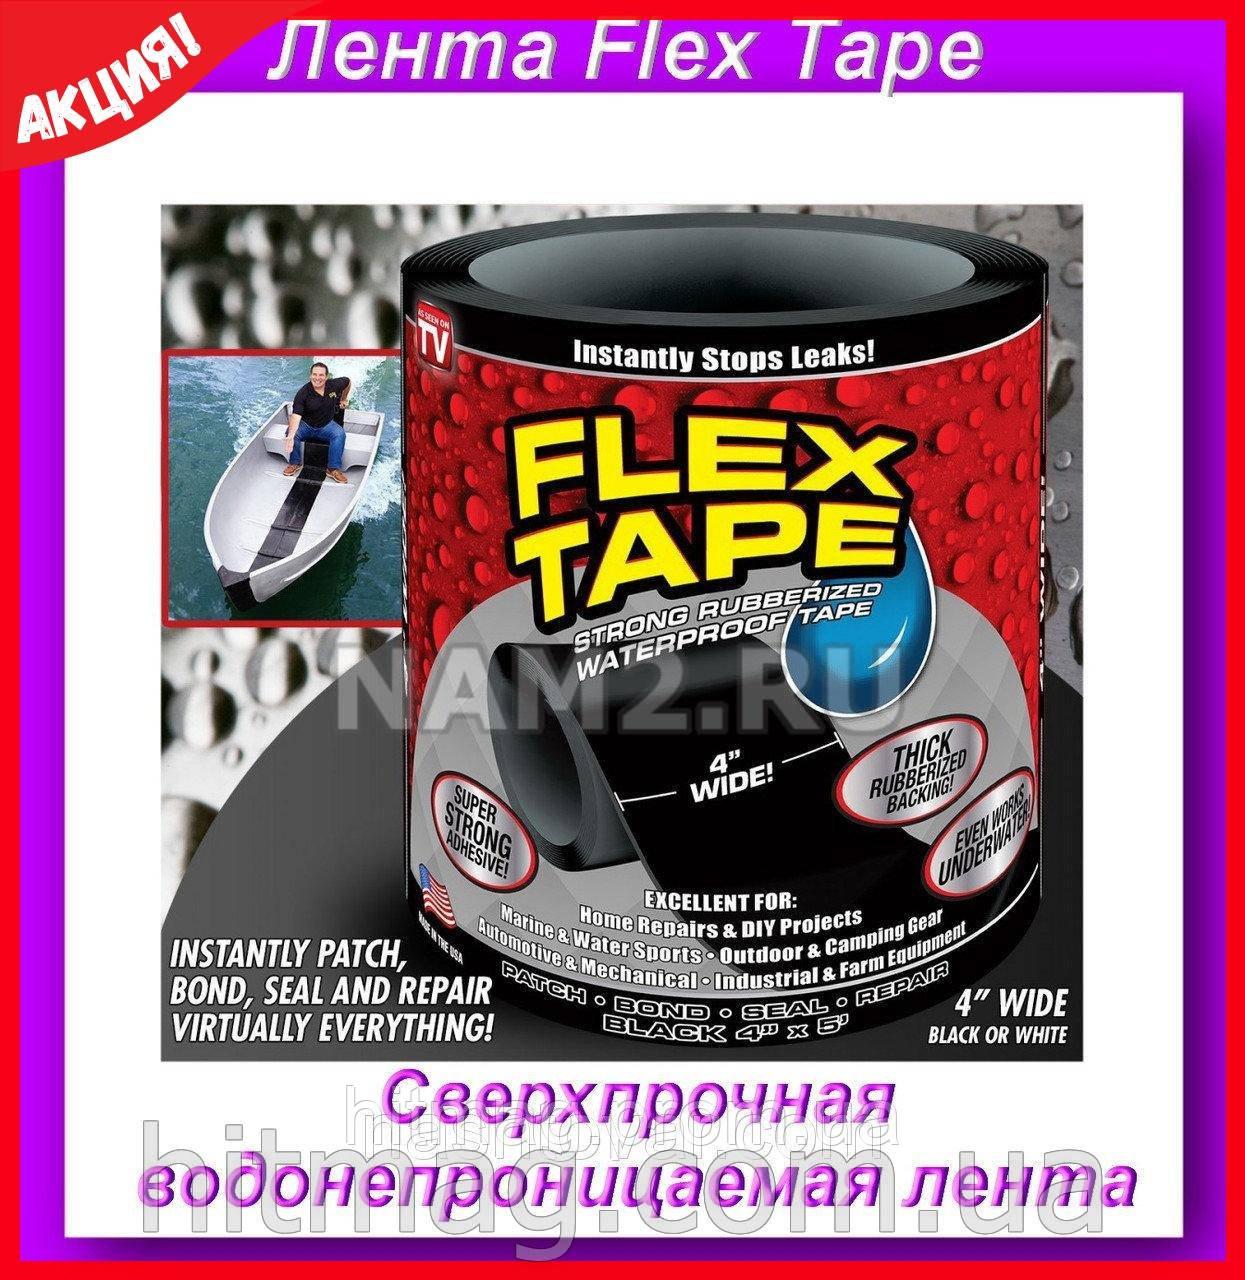 Клейкая резиновая лента Flex Tape, устраняет течь любых жидкостей